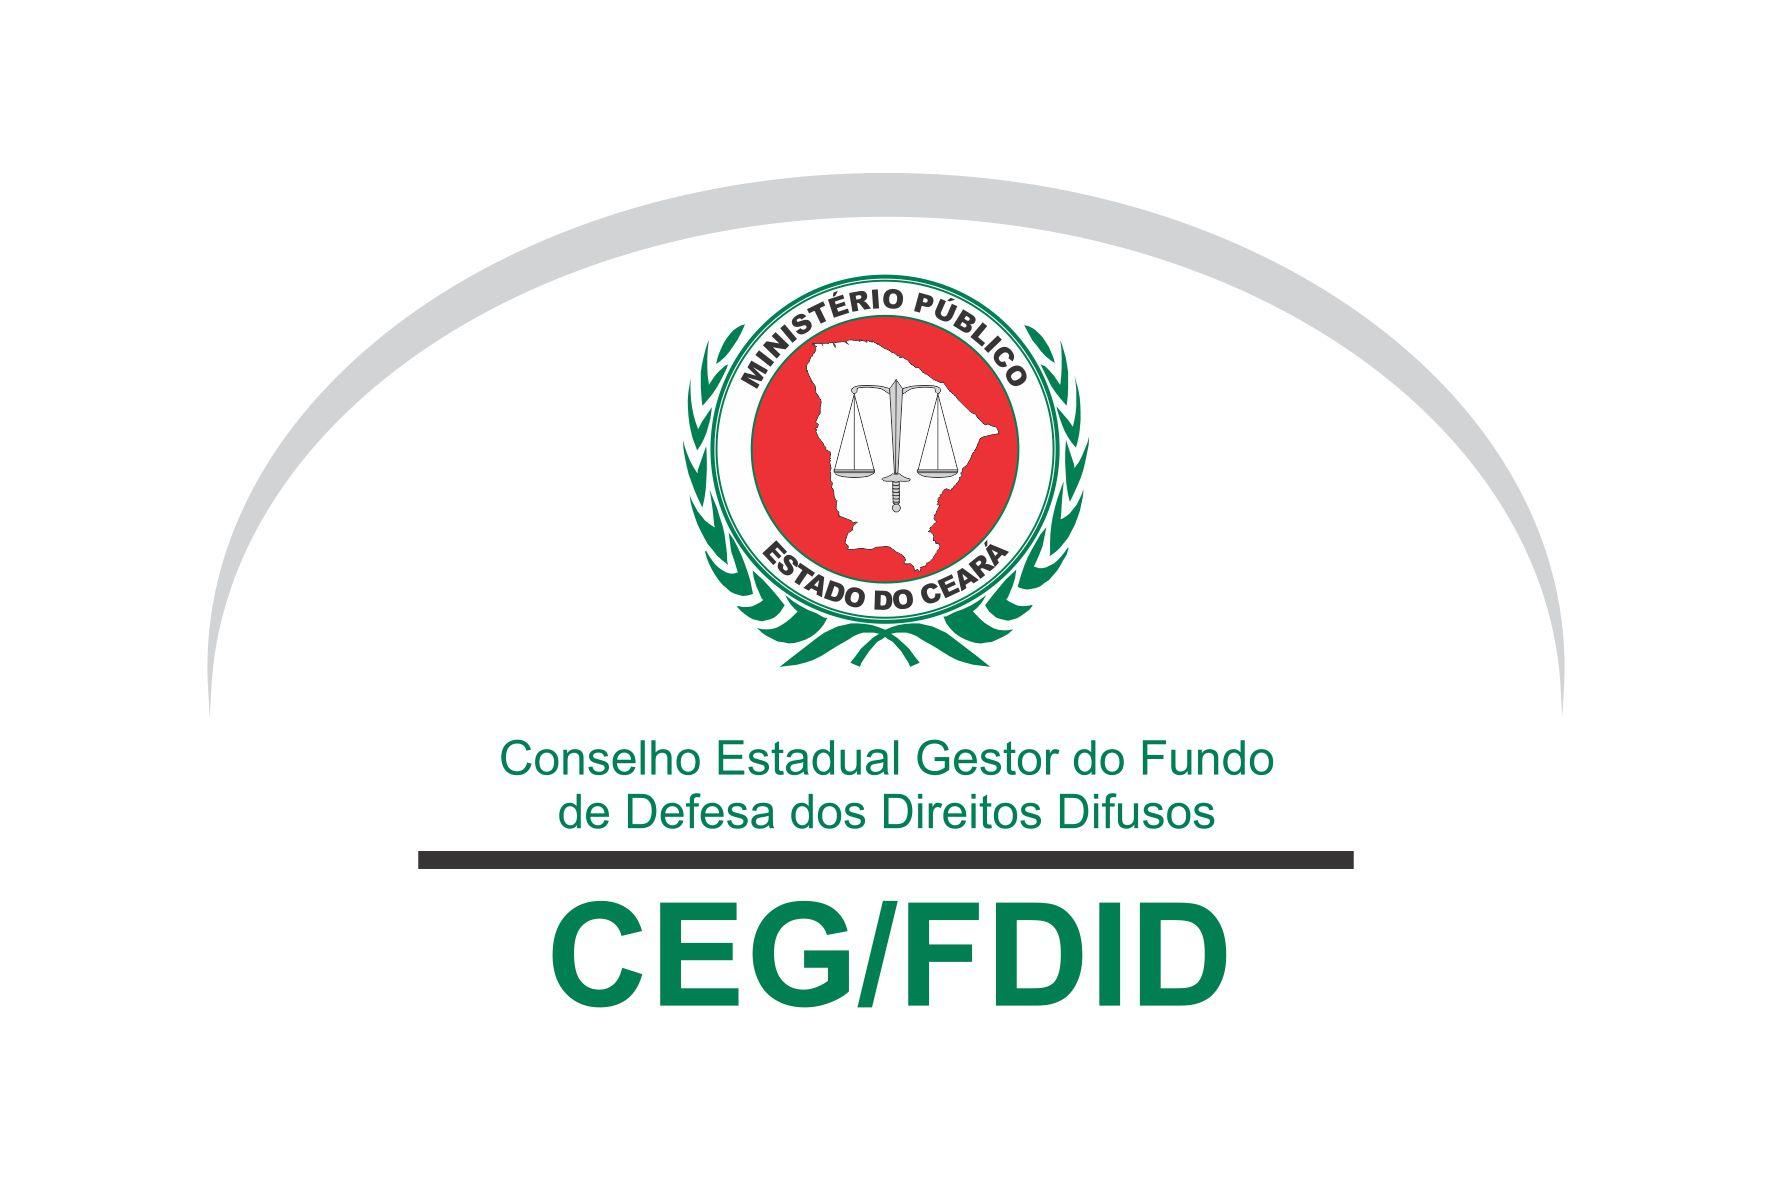 O programa de gerenciamento do Fundo de Defesa dos Direitos Difusos do  Estado do Ceará - Sistema FDID -, elaborado pelos técnicos da Secretaria de  ... a6ba144638